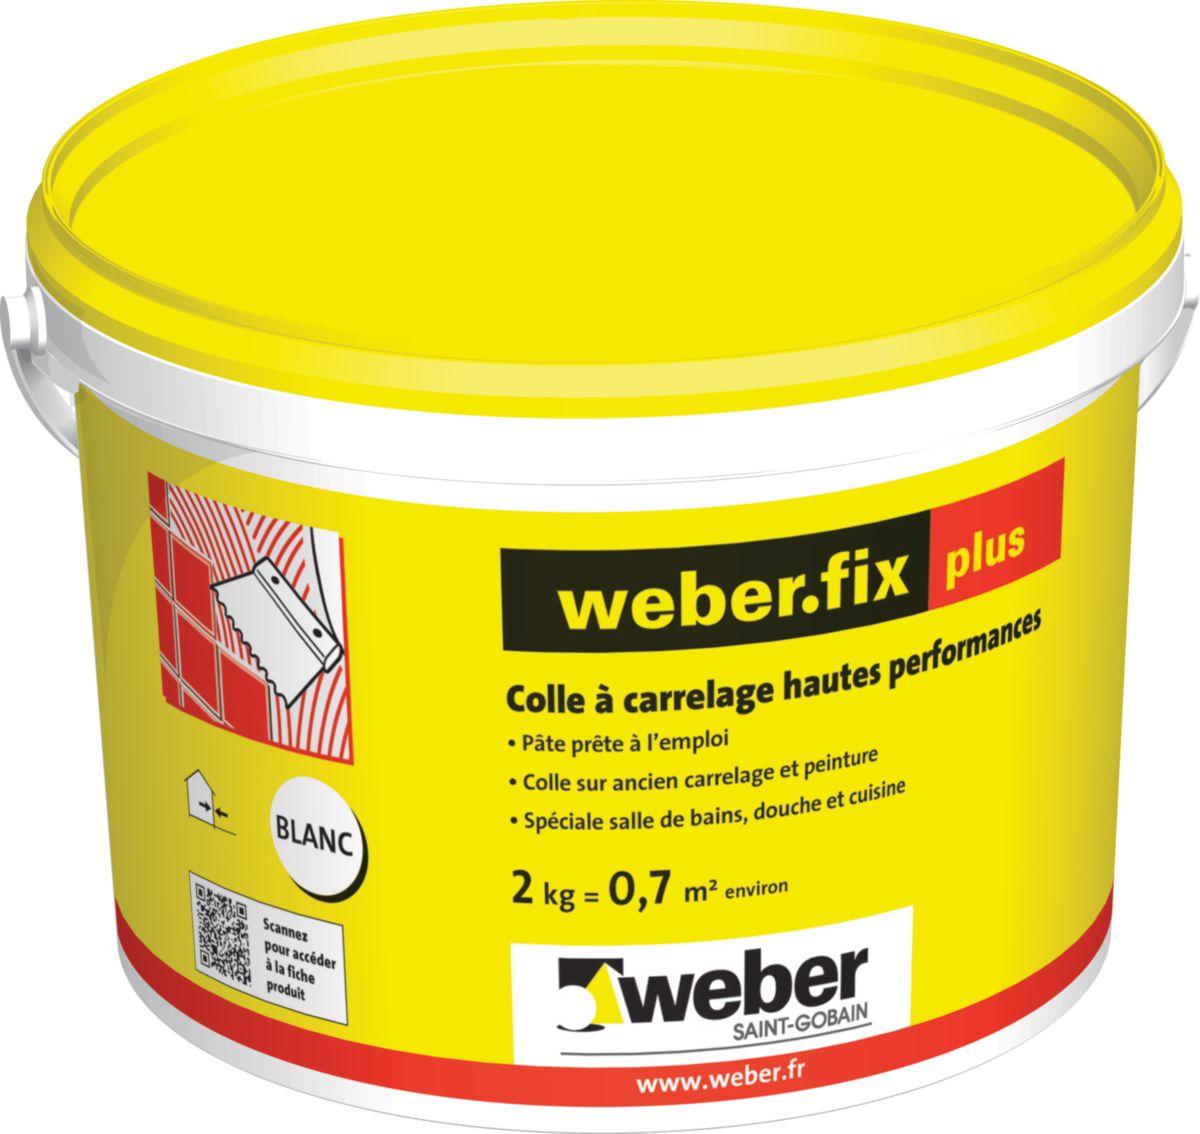 Colle A Carrelage Weber Fix Plus Ex Fermafix Plus Seau De 2kg Ref